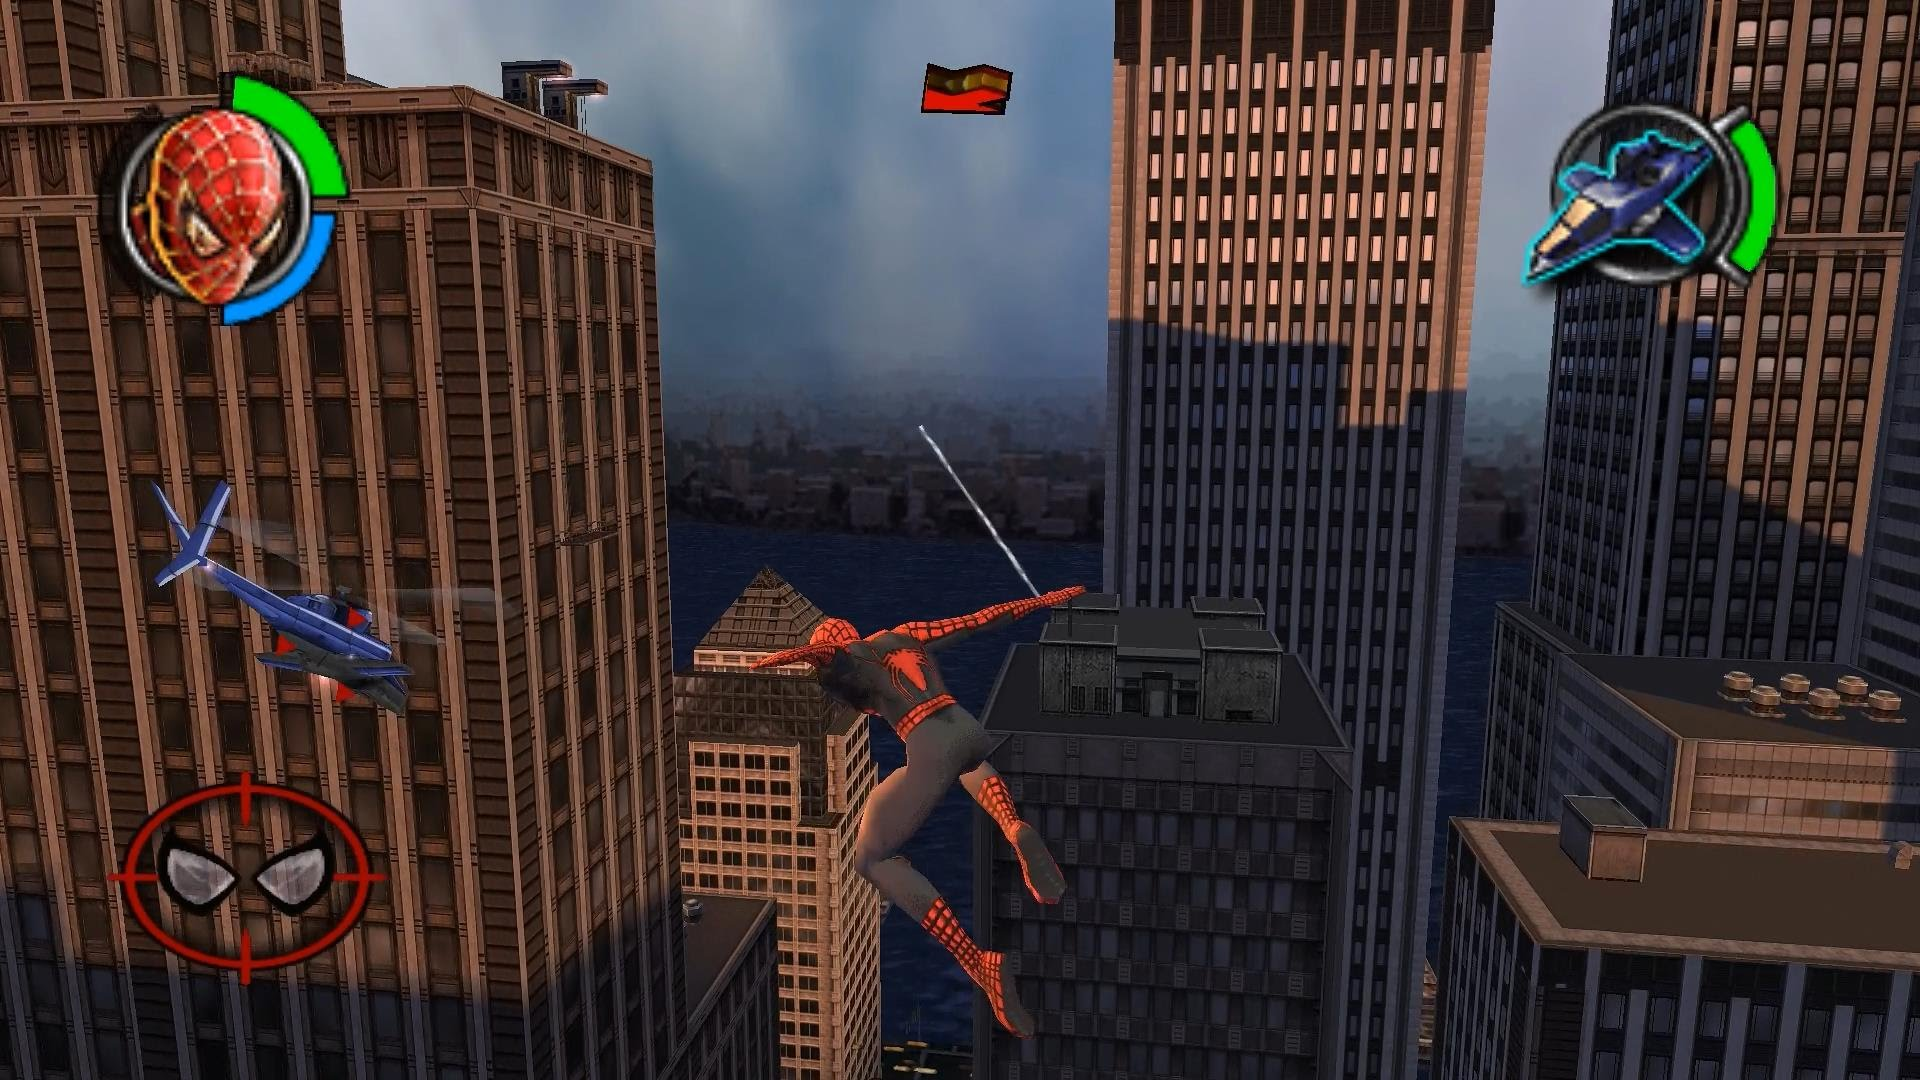 Vole, petite araignée, vole !